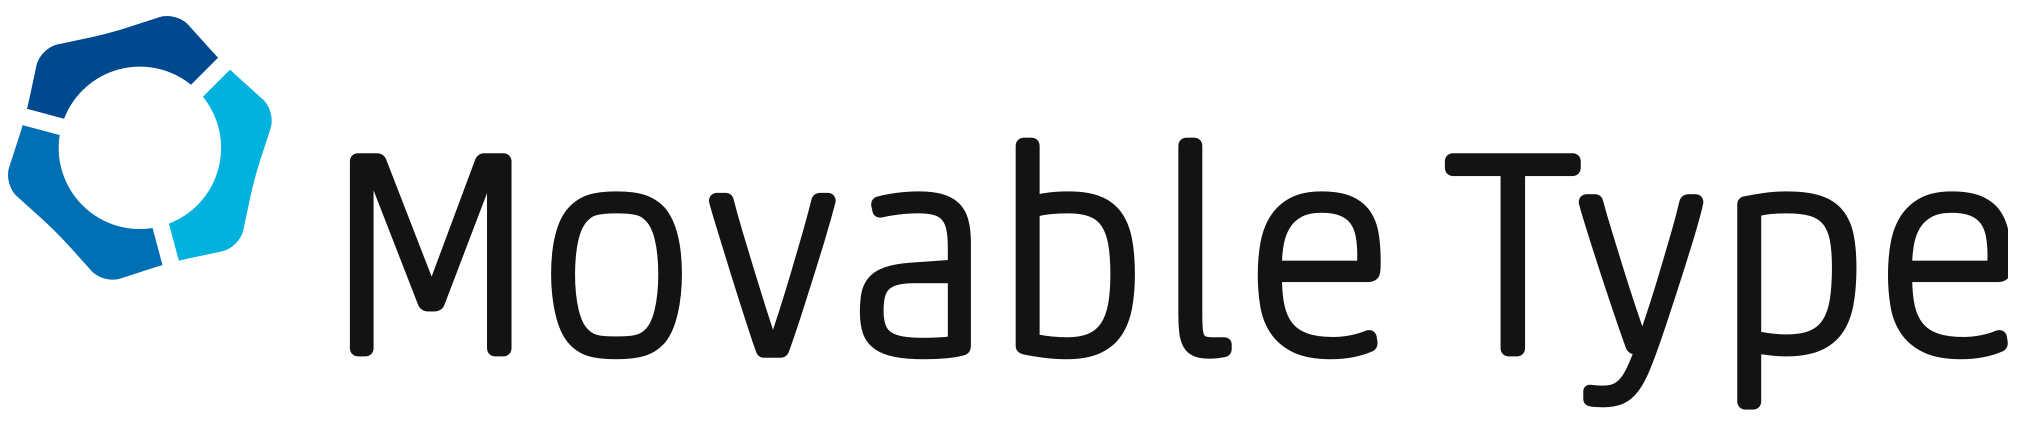 Movable_Typecontent Best (CMS) Content Management